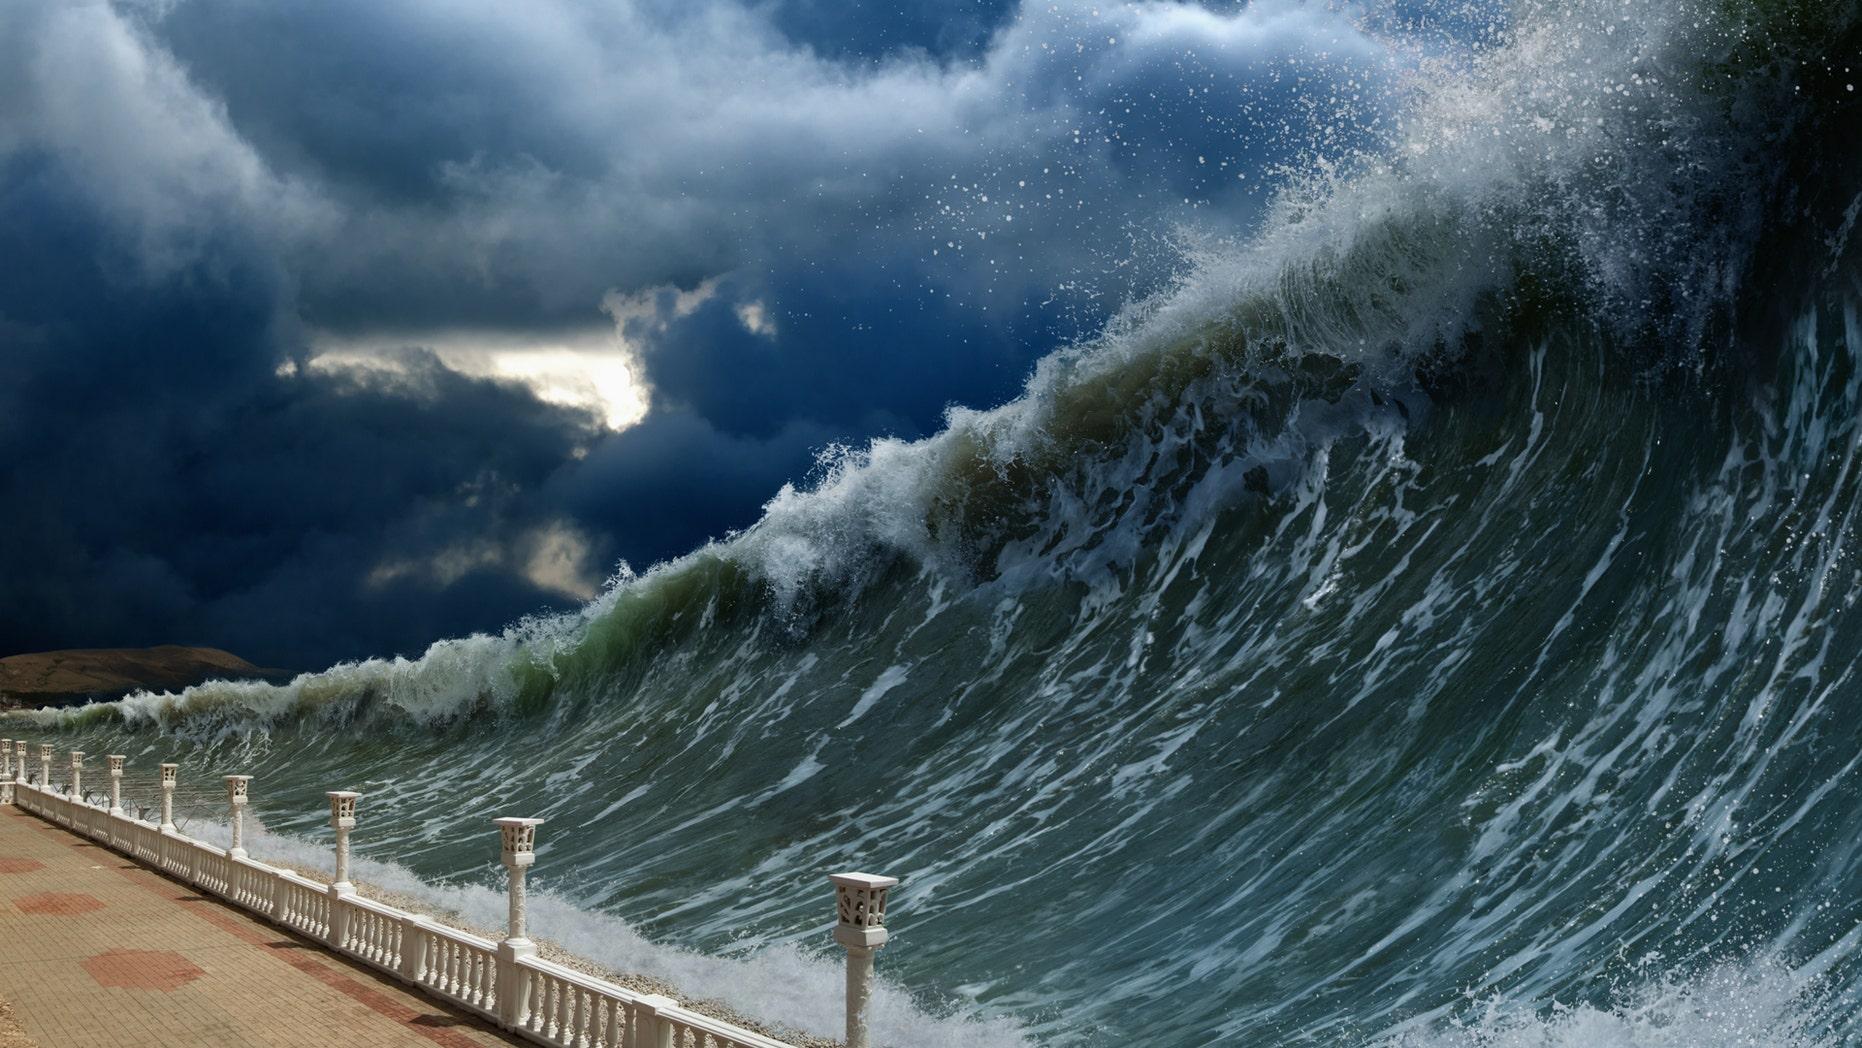 Apocalyptic dramatic background - giant tsunami waves, dark stormy sky (Ig0rZh) (Credit: iStock)